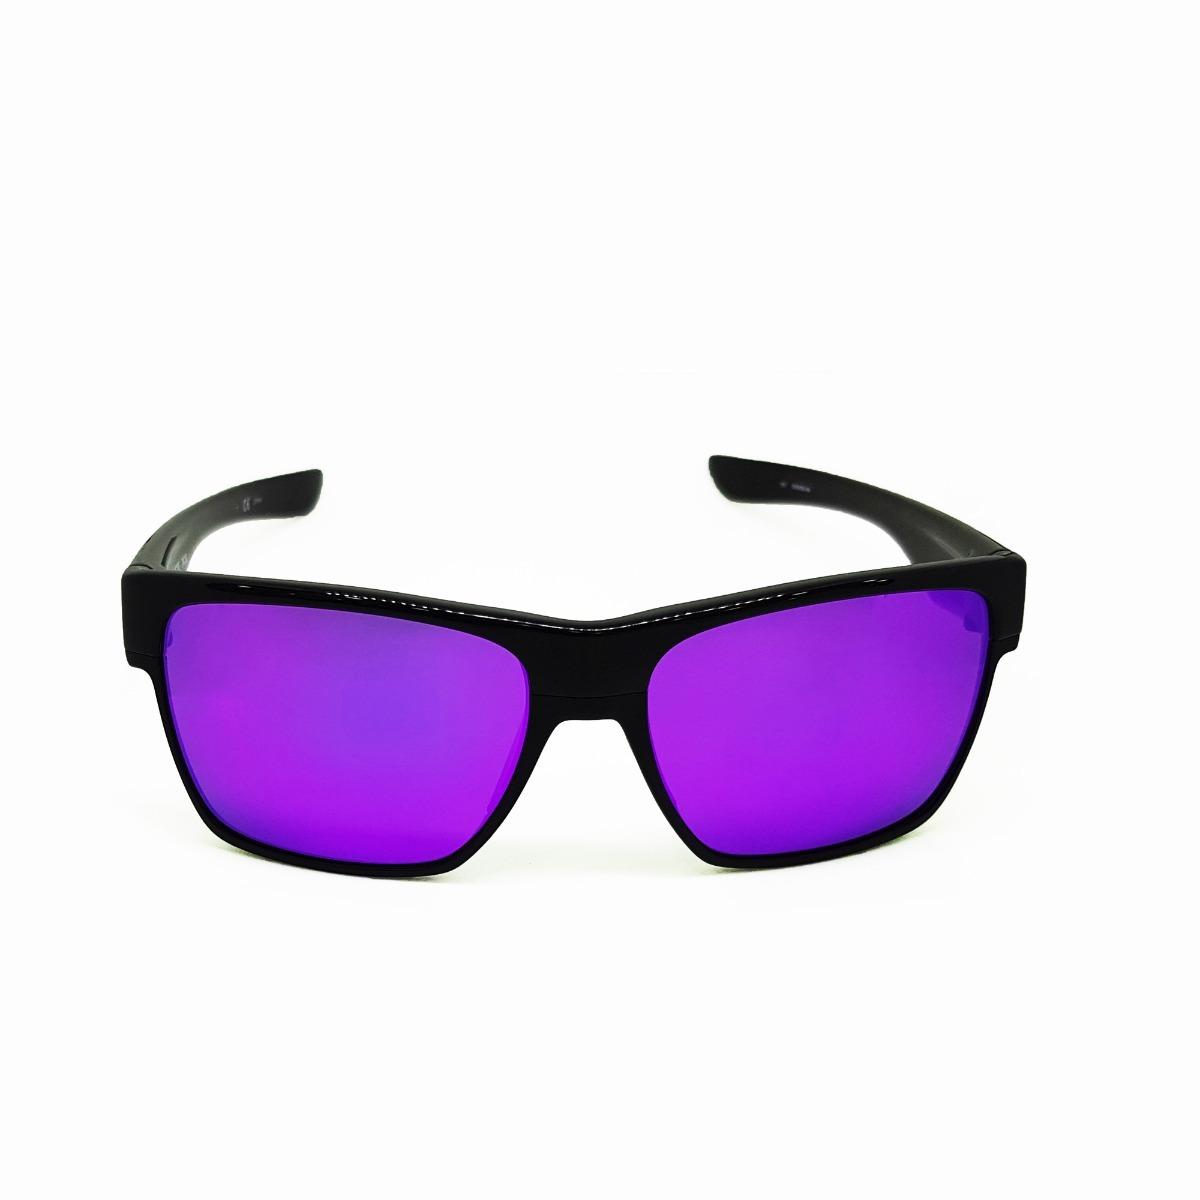 oculos oakley twoface xl oo9350-04 original. Carregando zoom. a9bea51625a